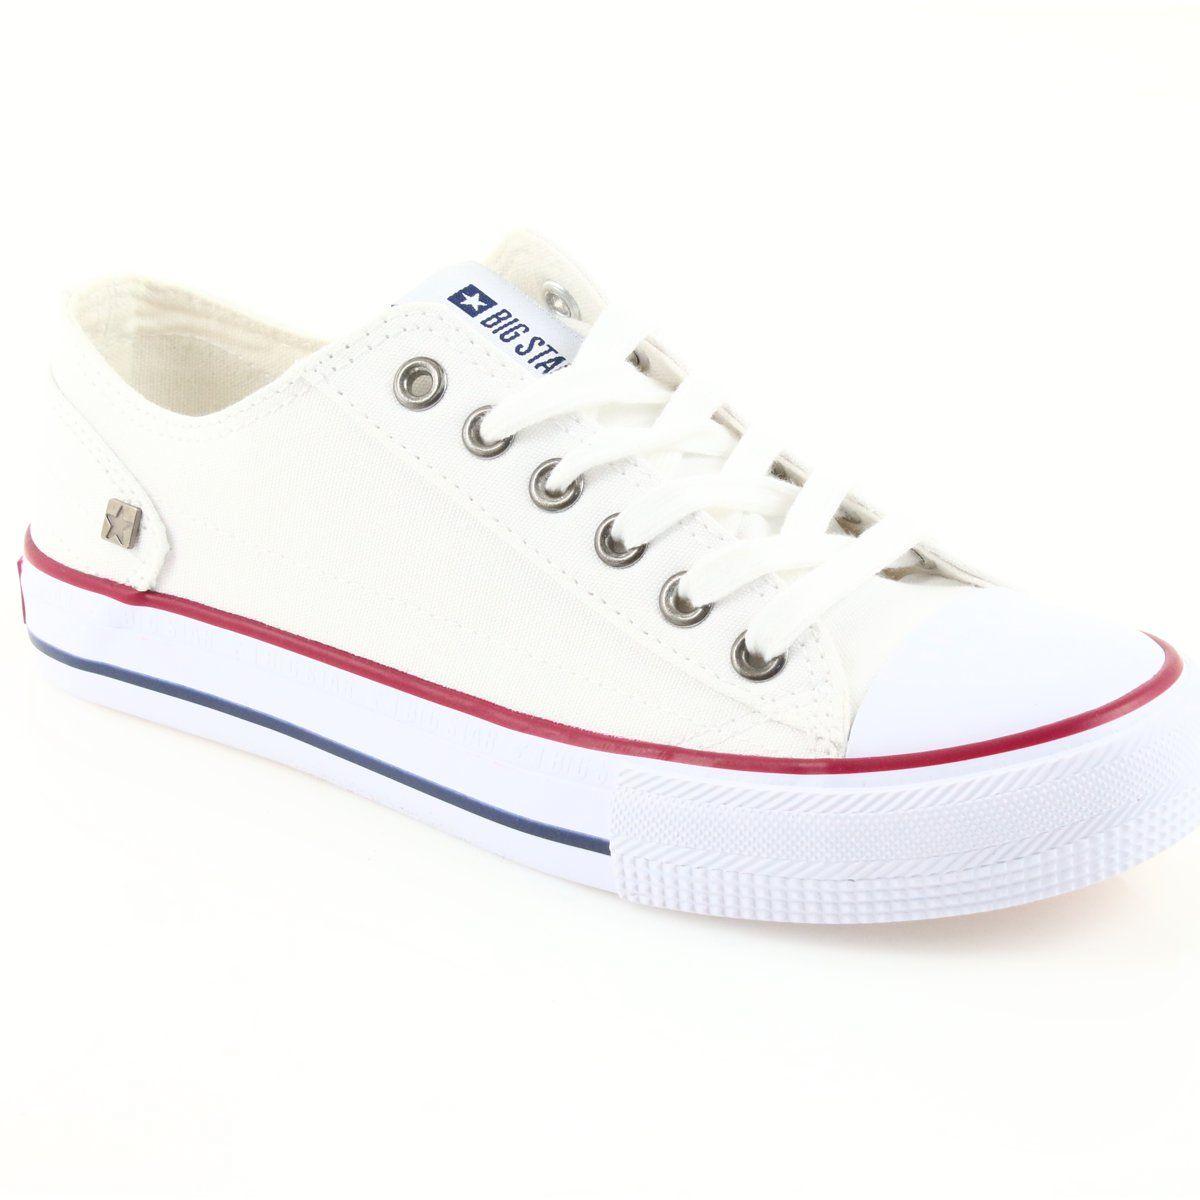 Converse Białe Chuck Taylor All Star 70 C162065 White Red Black White w  2019  3bdea4c23e5